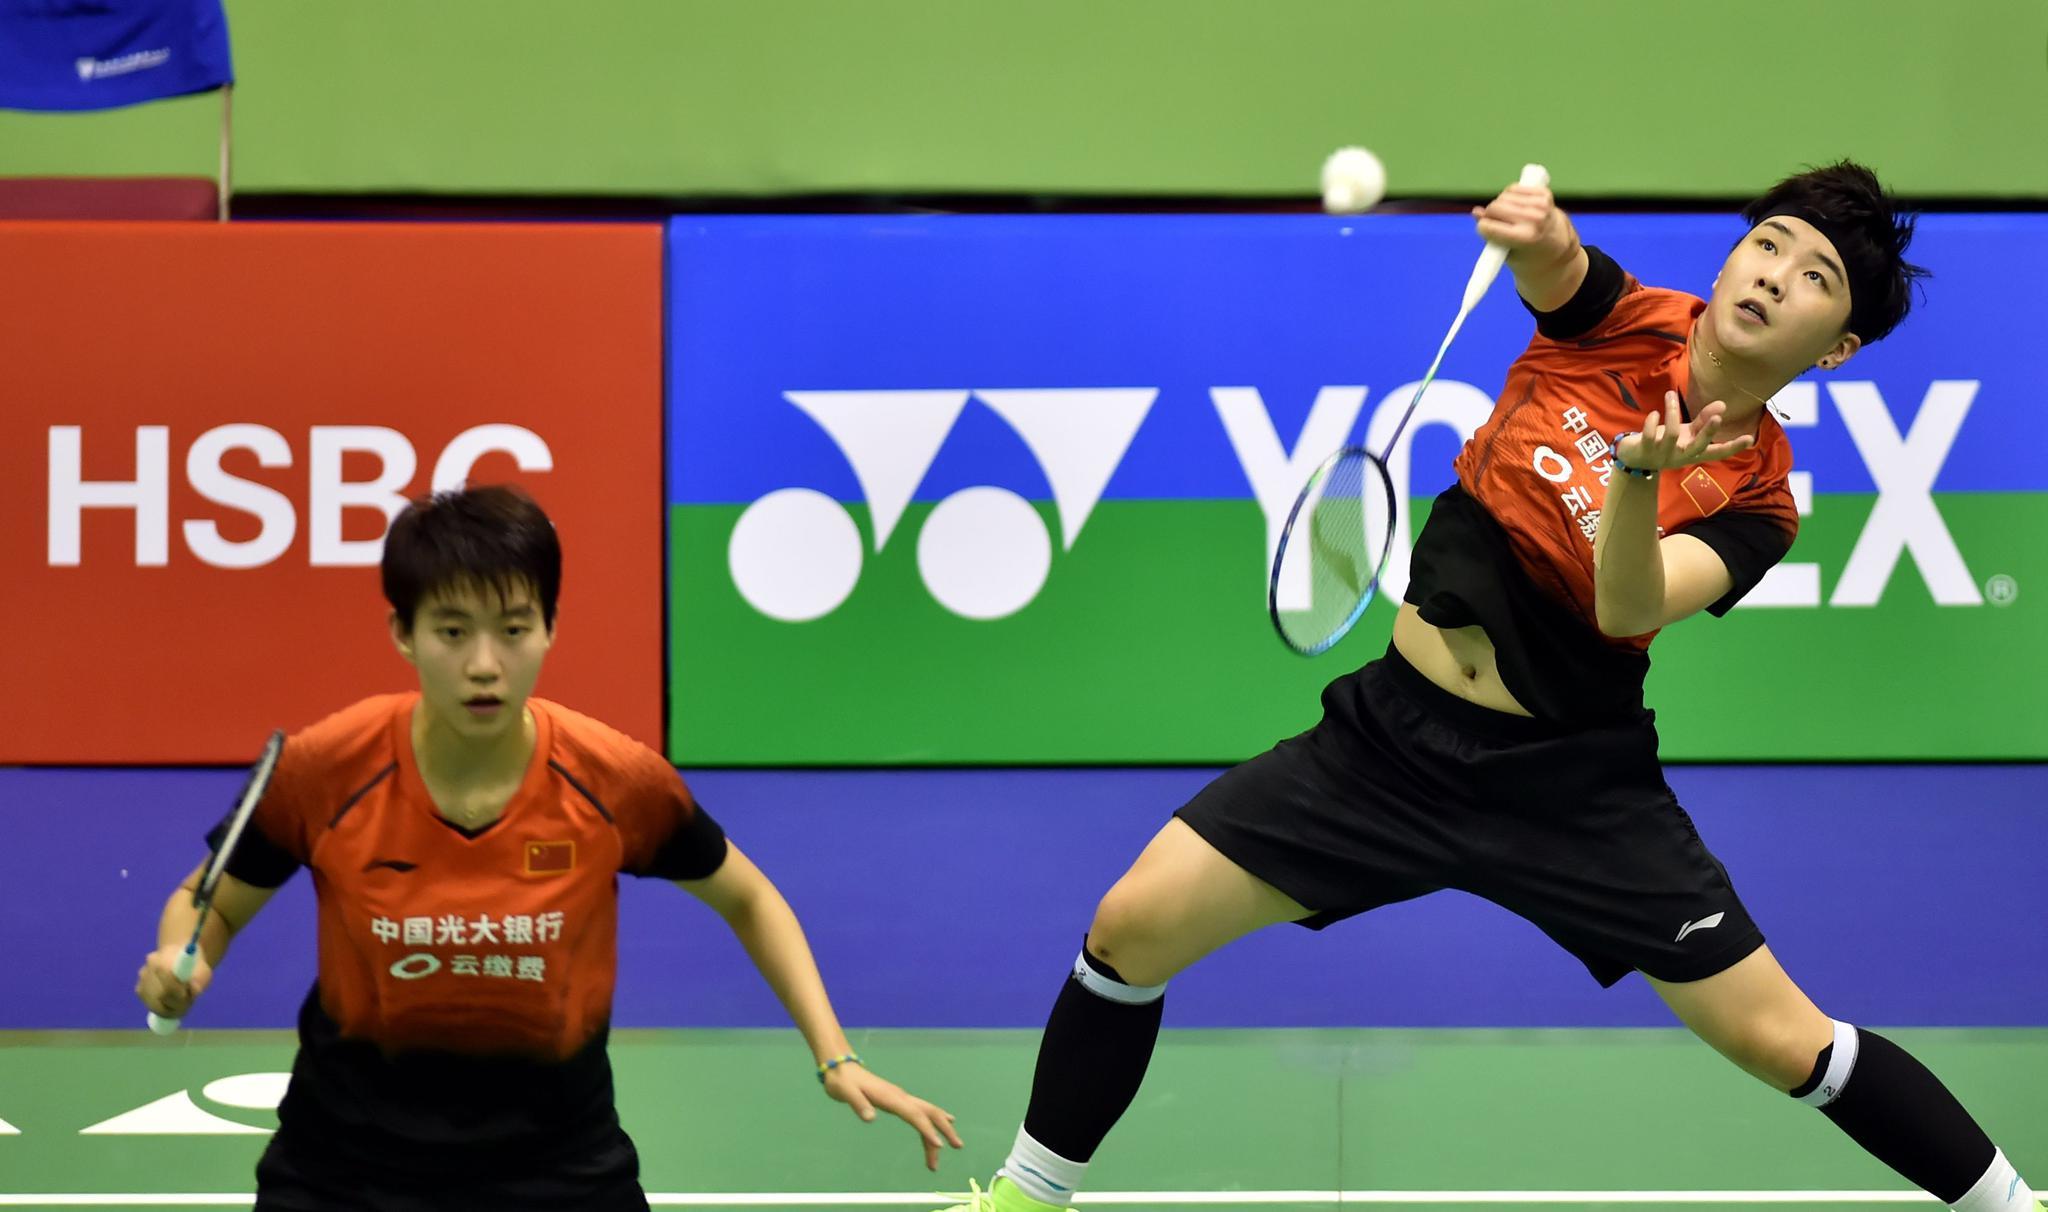 羽毛球——香港公开赛:杜玥/李茵晖晋级